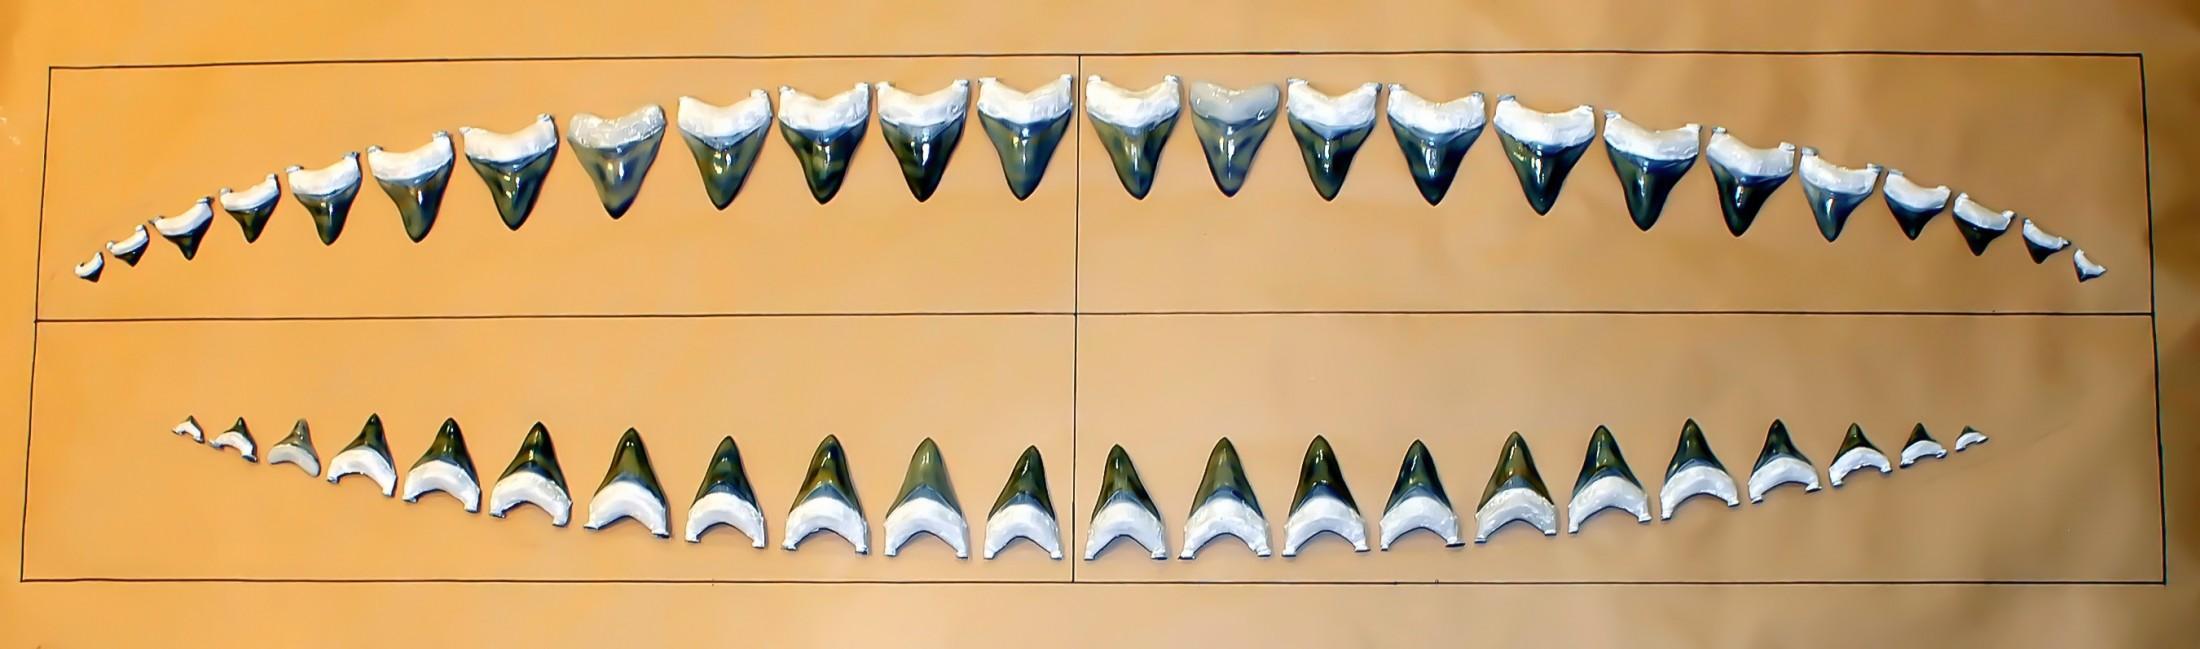 Размеры мегалодонов скорректировали в сторону увеличения